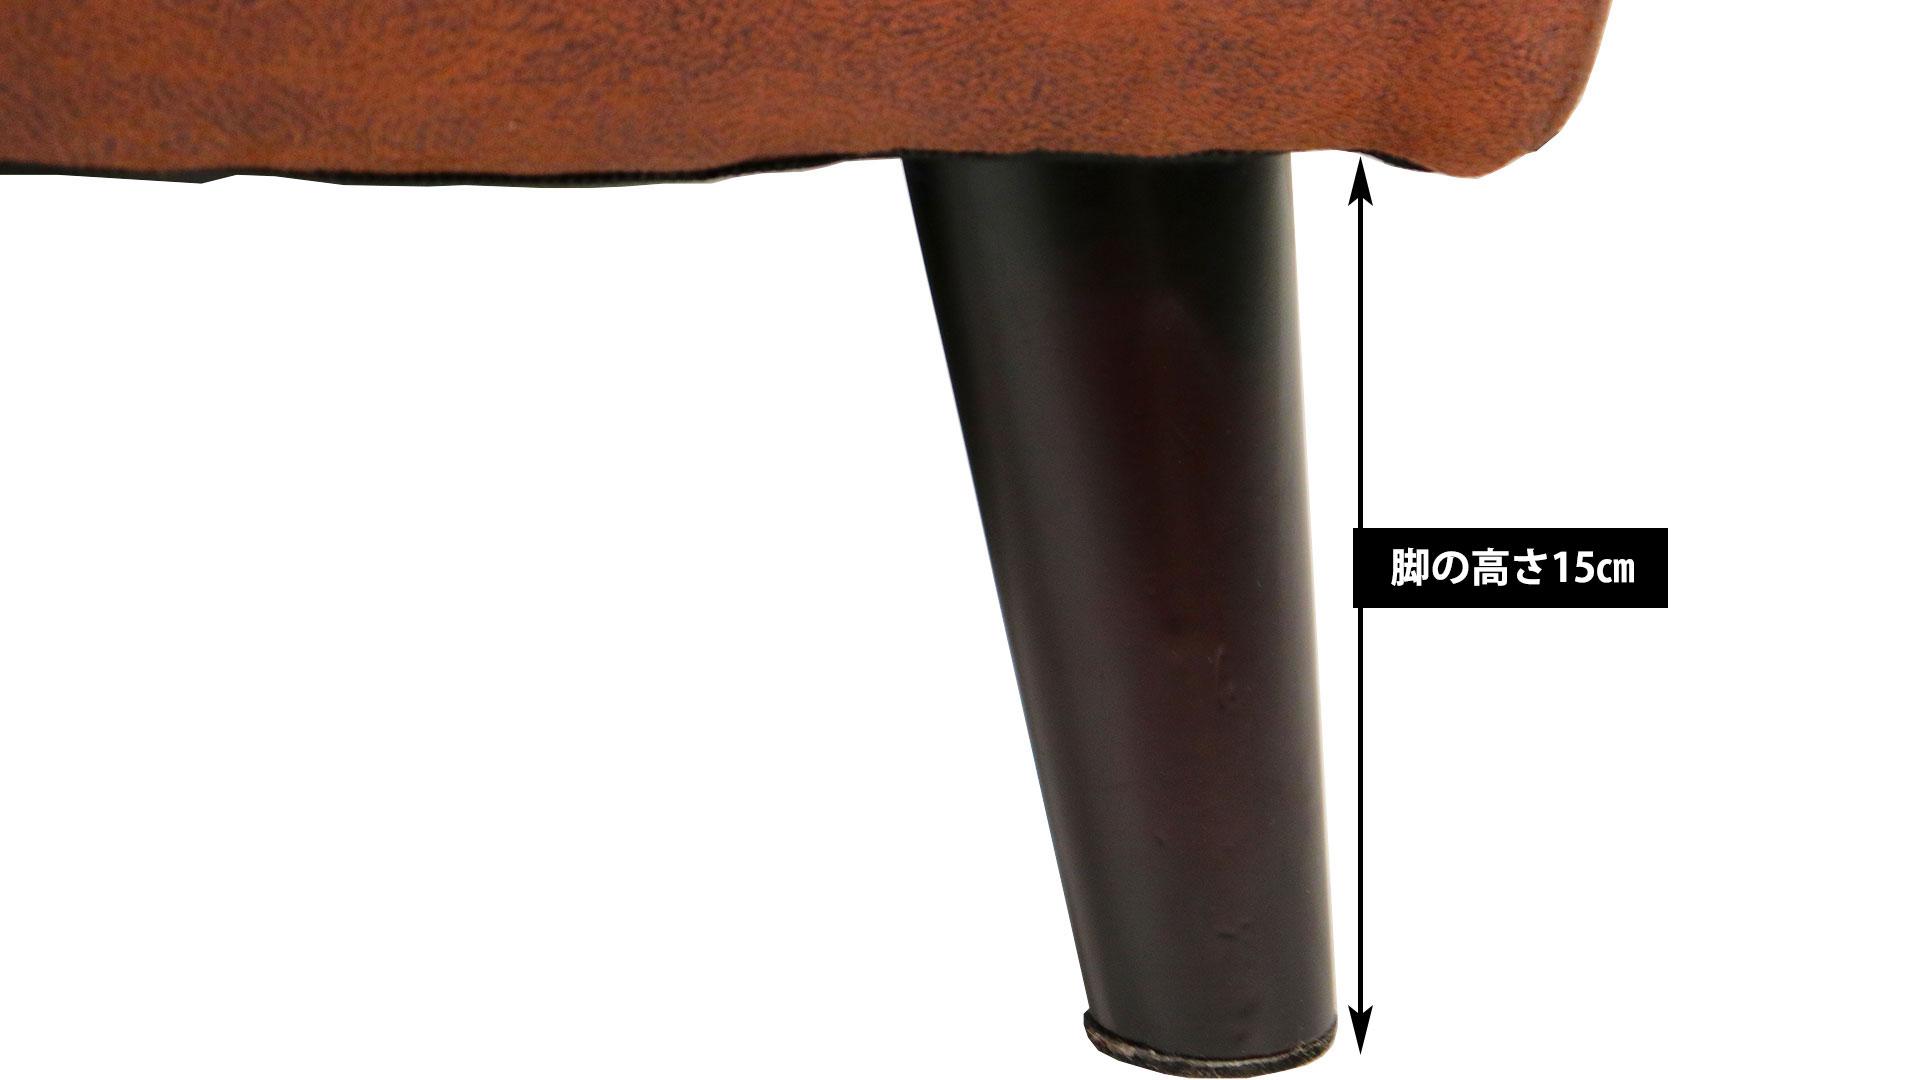 ゆったりと座れるask-inのカウチソファ「モラレス」の脚の画像